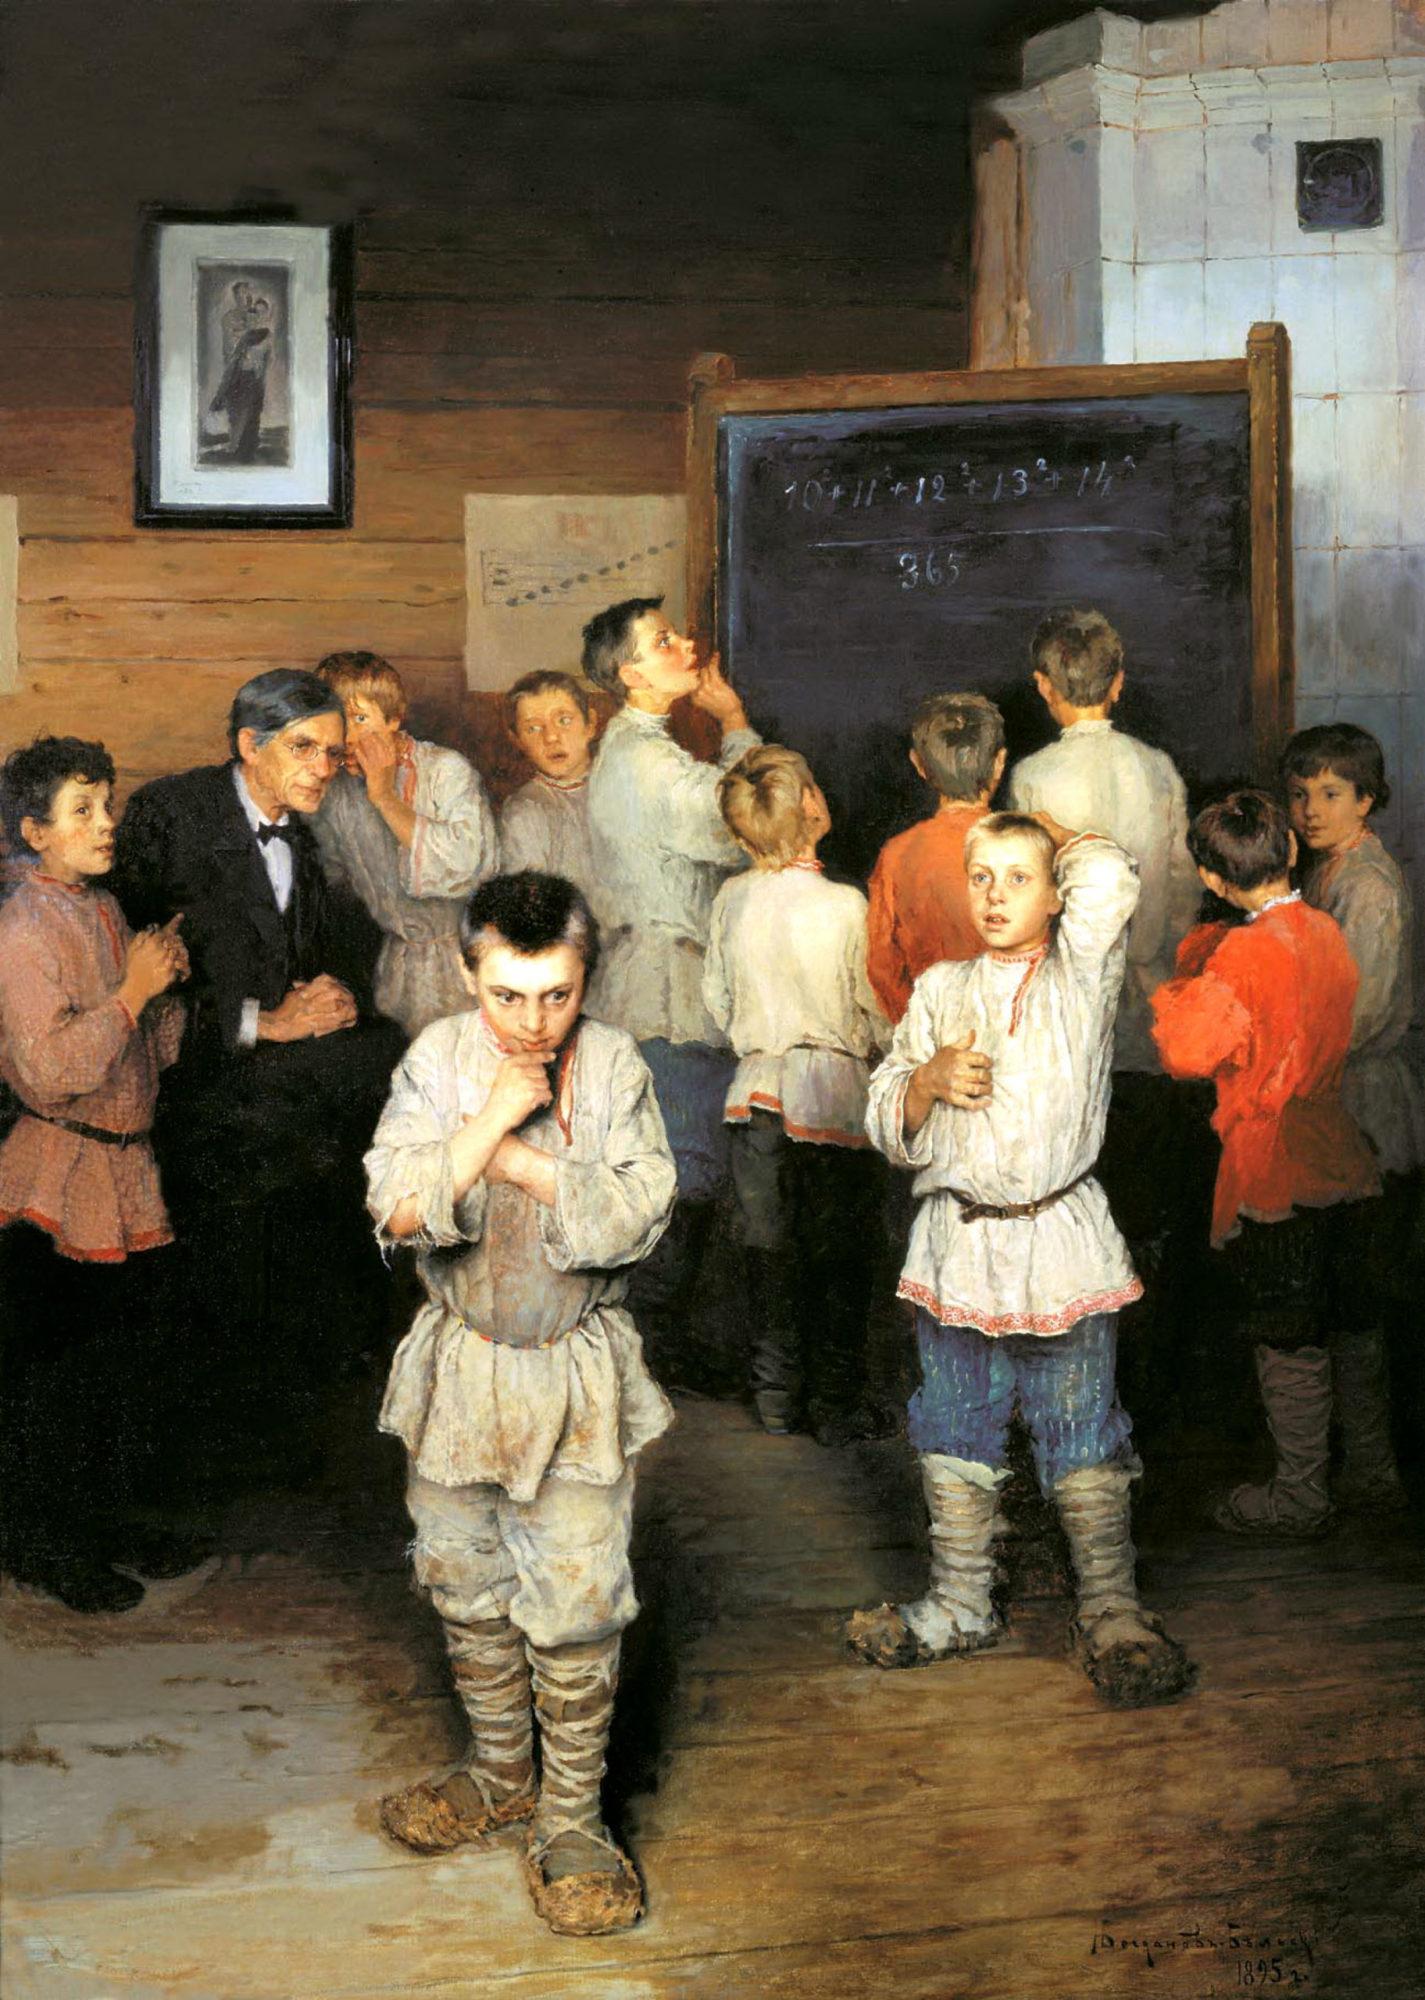 Николай Богданов-Бельский, 1895 год, картина «Устный счет».